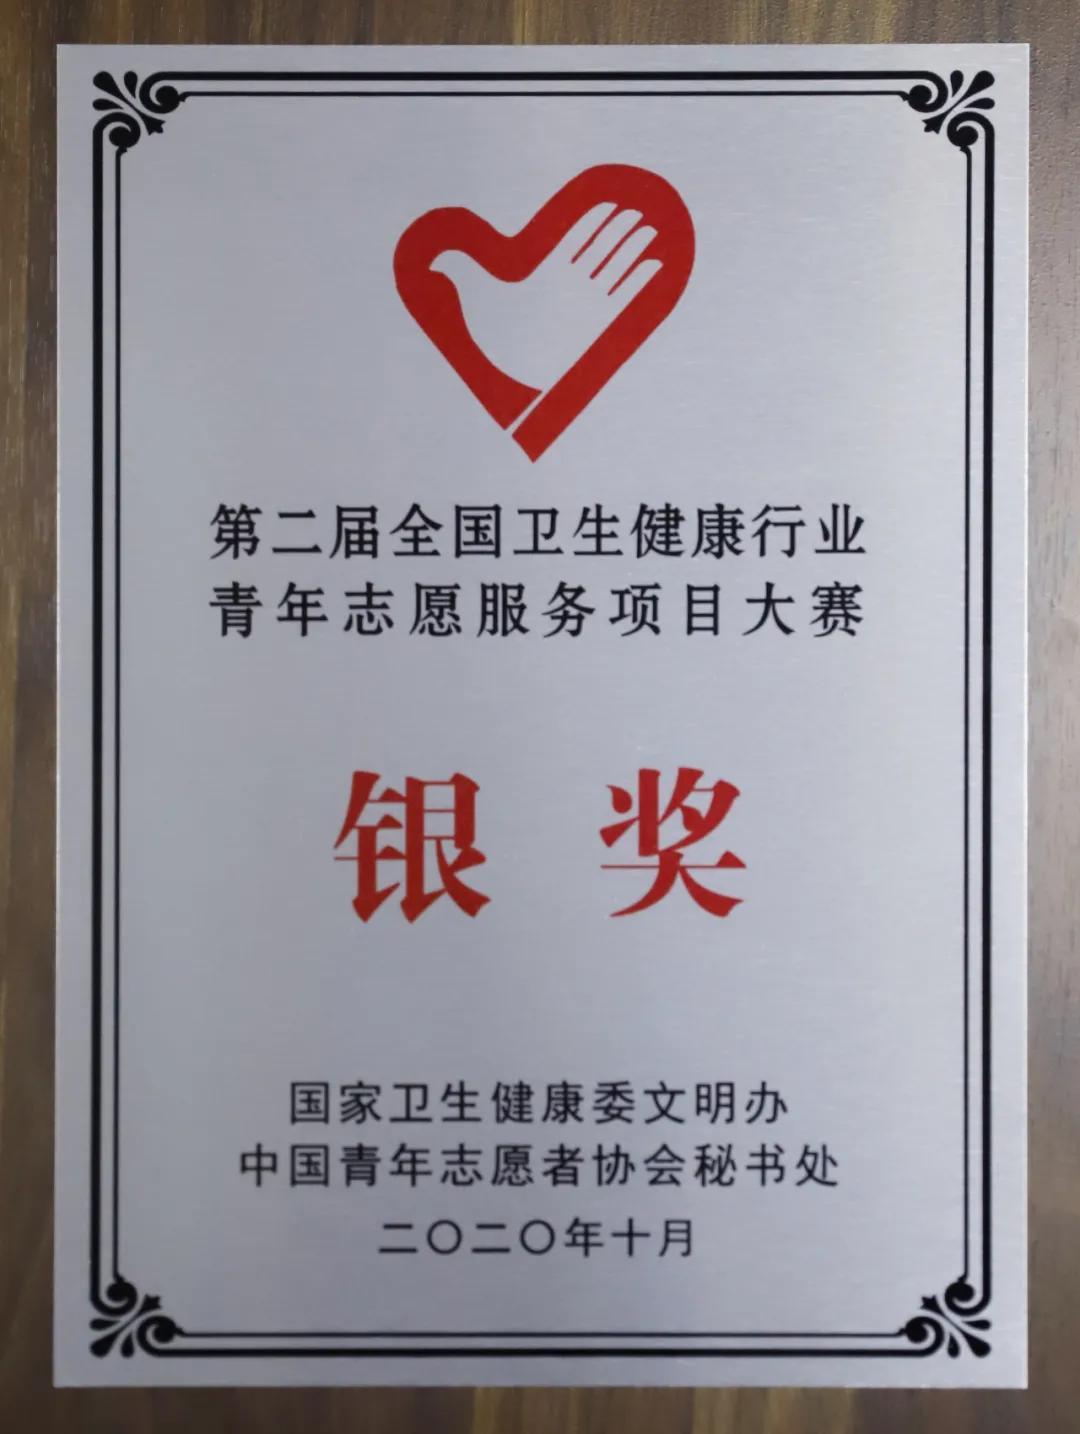 江西省儿童医院荣获第二届全国卫生健康行业青年志愿服务项目大赛银奖